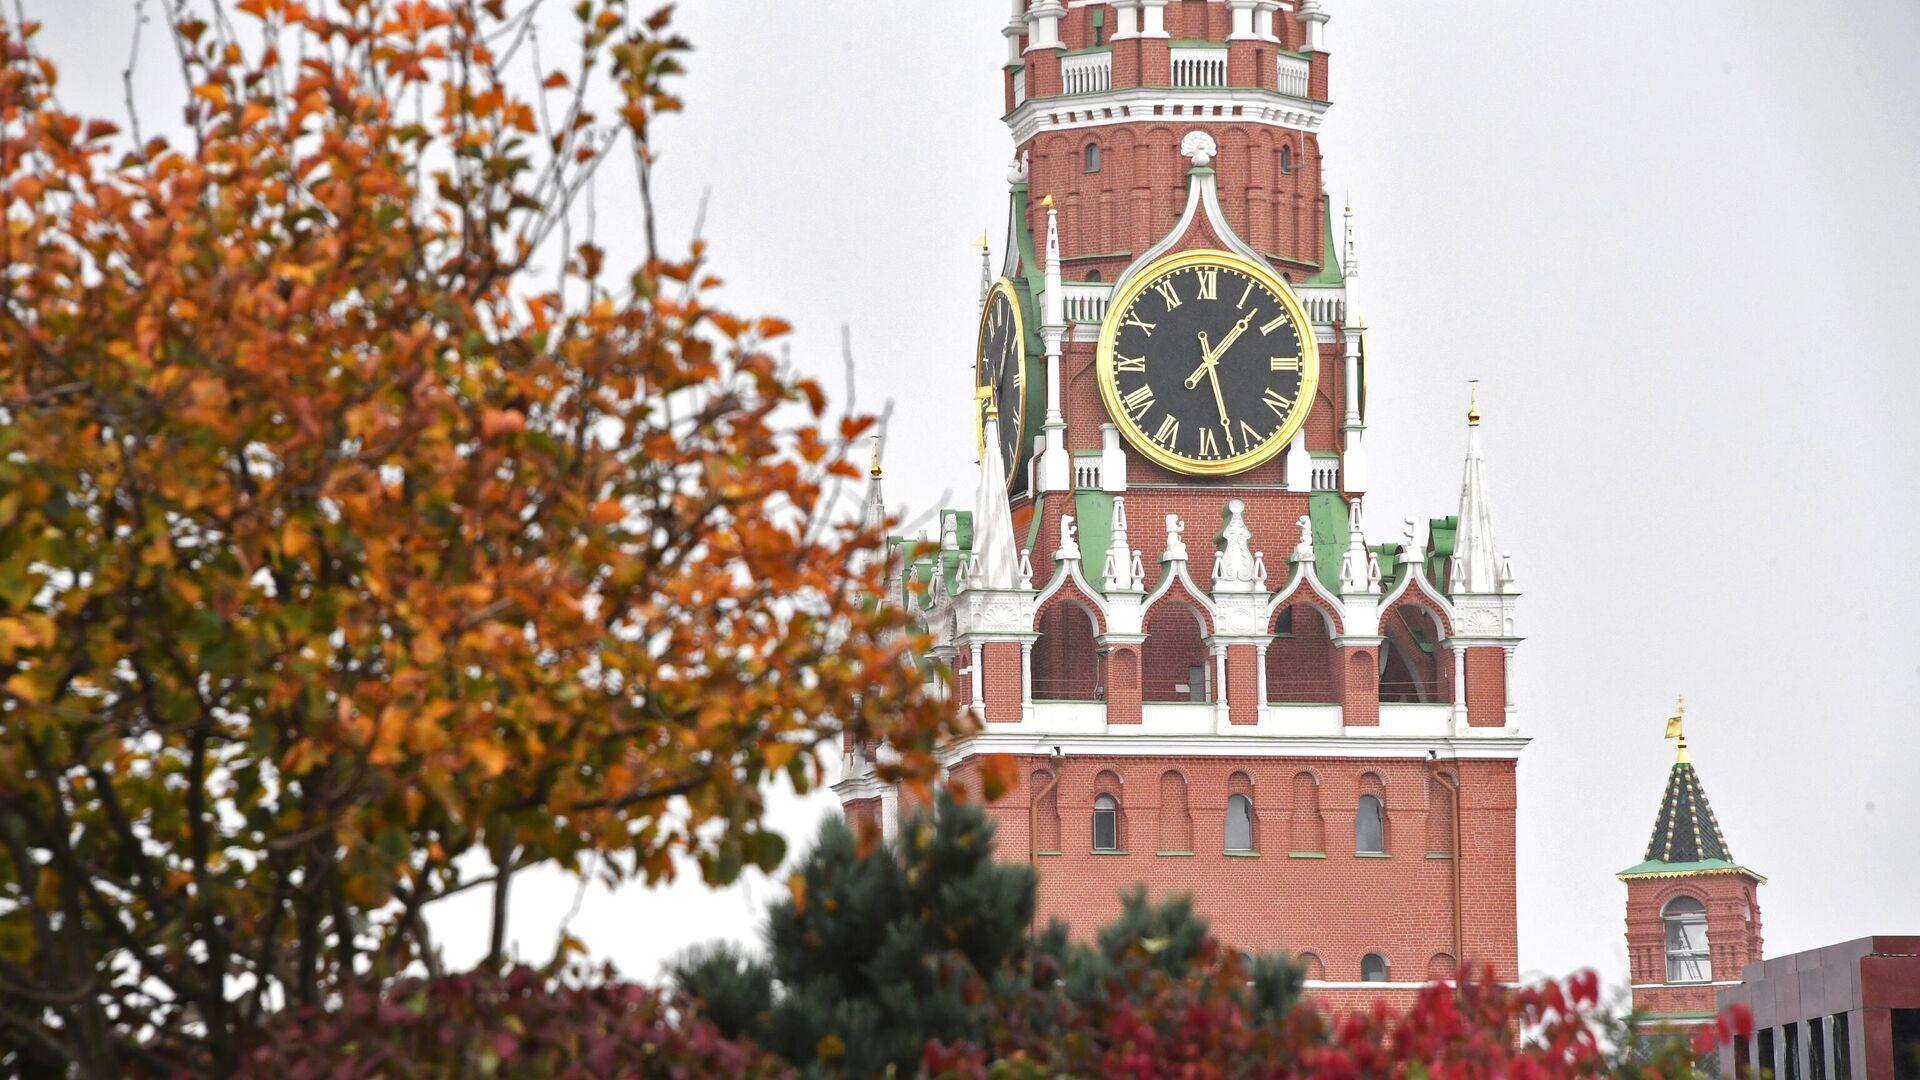 Спасская башня Московского Кремля - РИА Новости, 1920, 04.11.2020